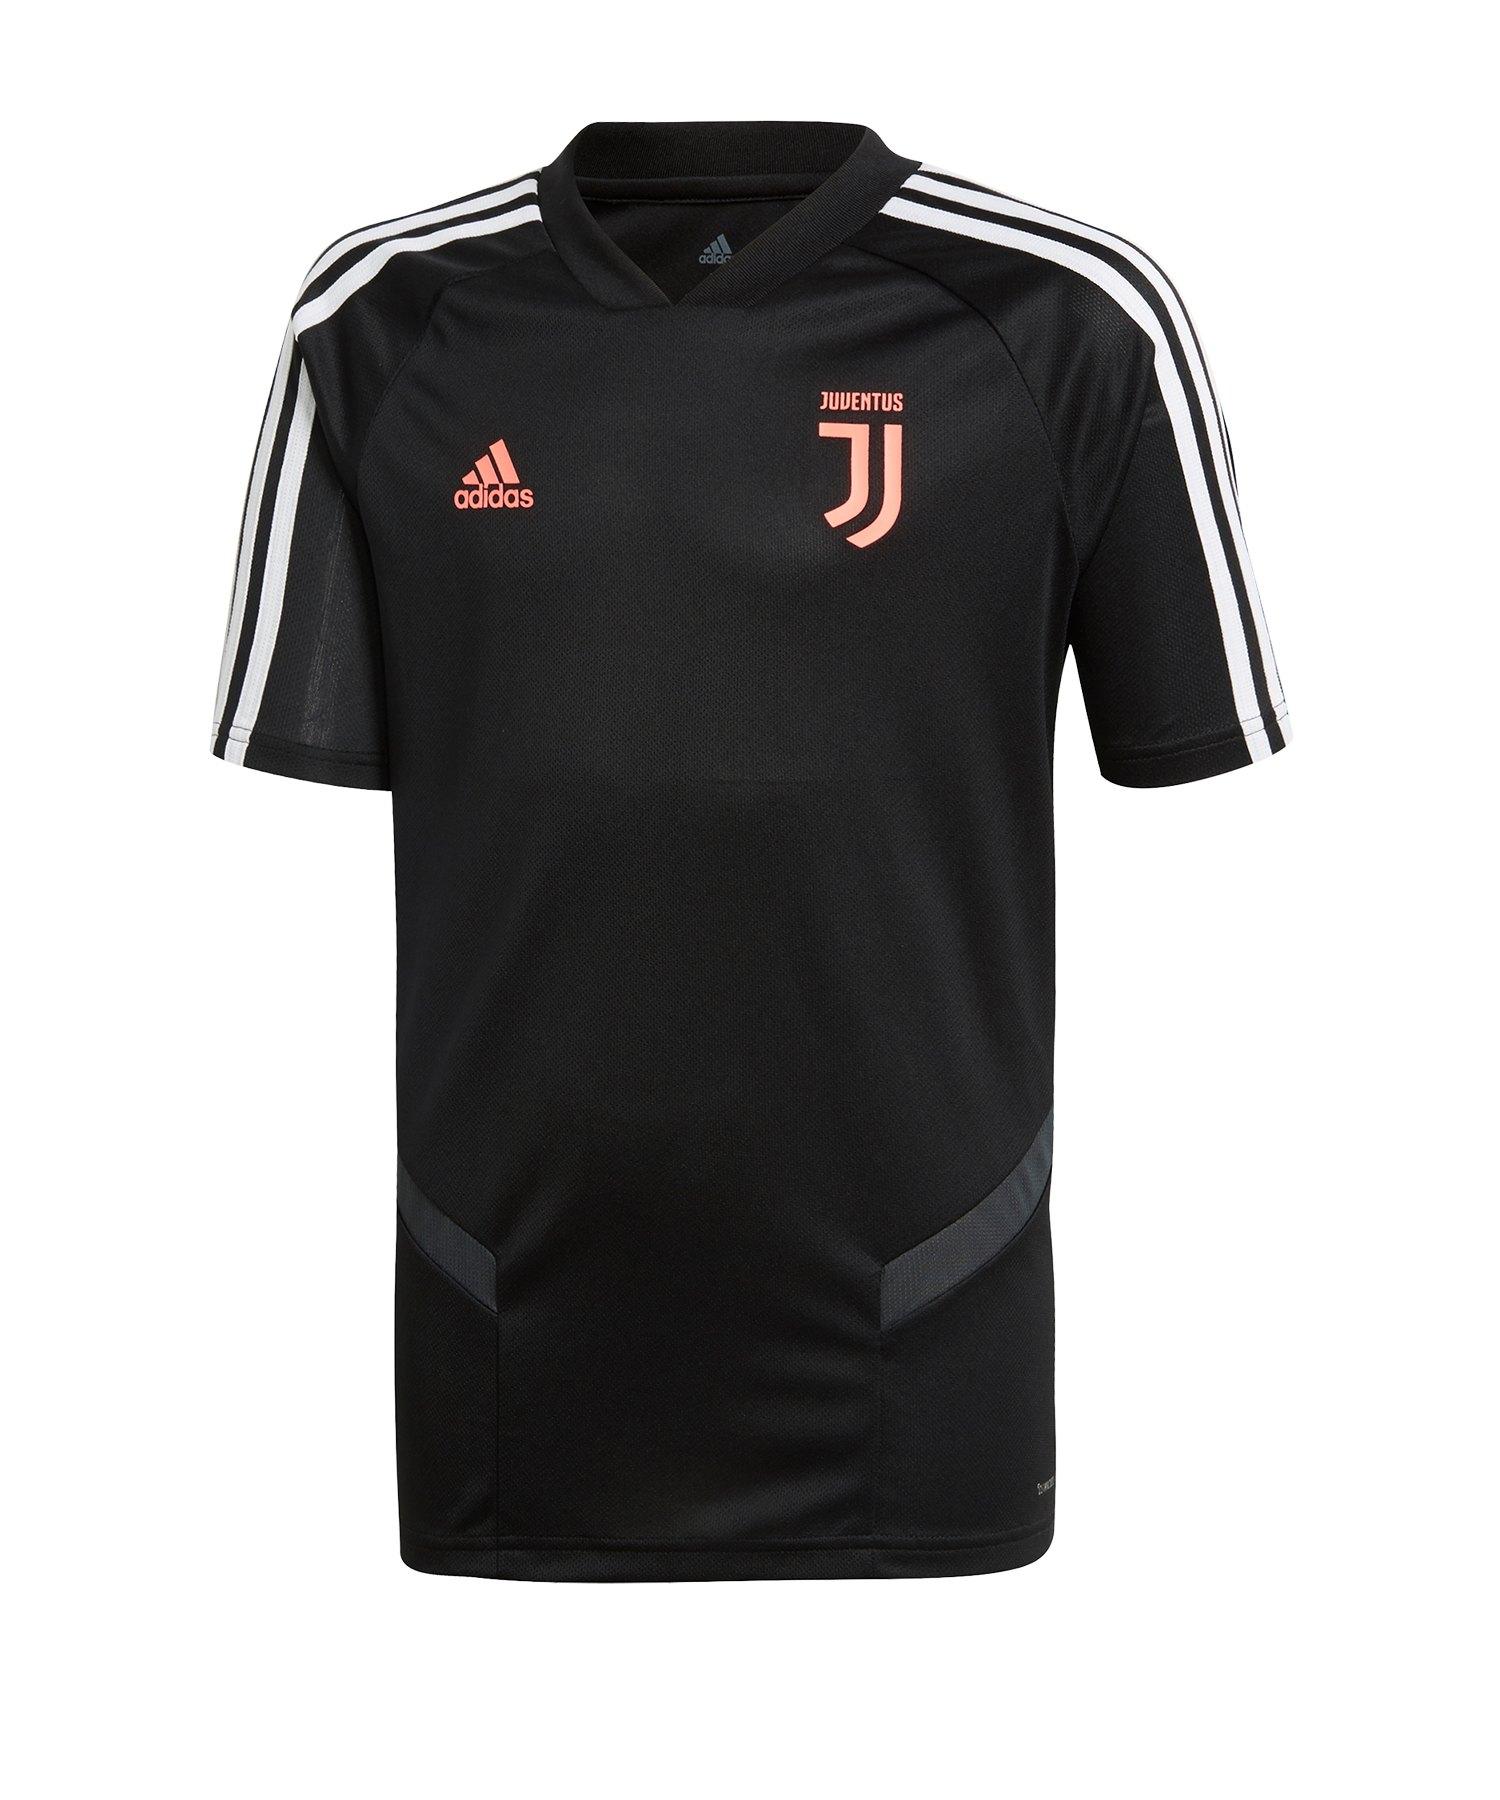 adidas Juventus Turin Trainingstrikot Kids Schwarz - Schwarz